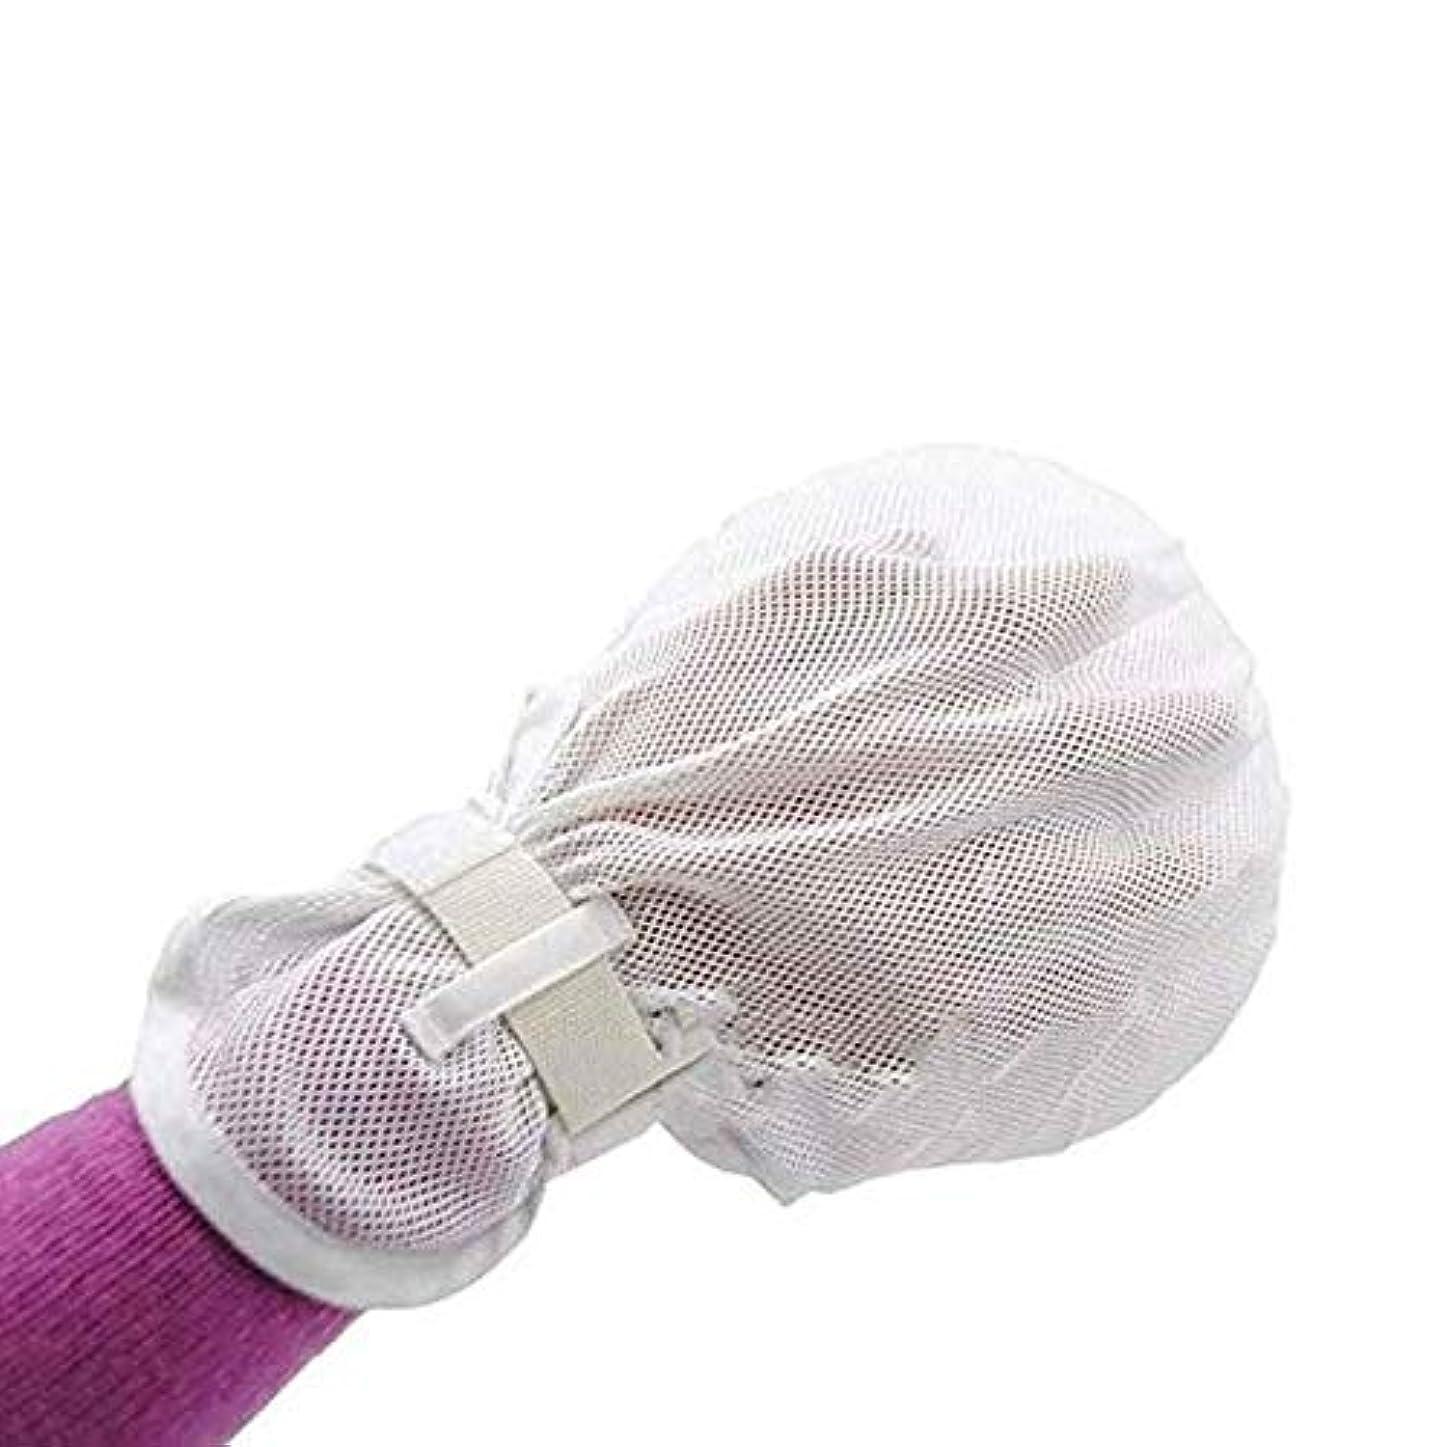 カール暴行食料品店冷却ネット保護パッド、調節可能な手首、指の怪我を防ぐフィンガーコントロールグローブハンド 手袋、保護内側の傷防止パッド(1ペア)